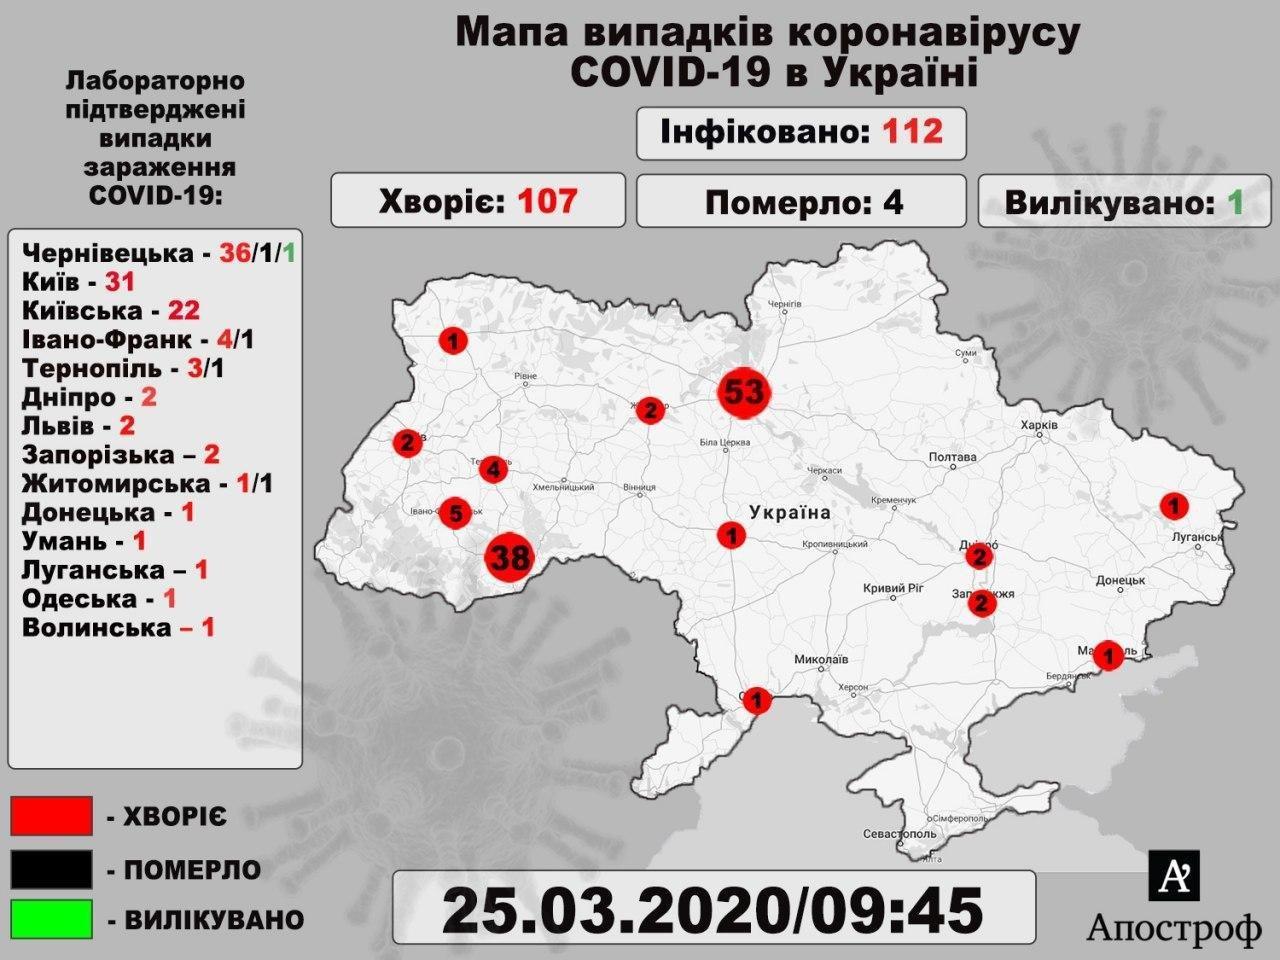 Коронавірус вразив понад сотню жителів України: опубліковано оновлені дані МОЗ